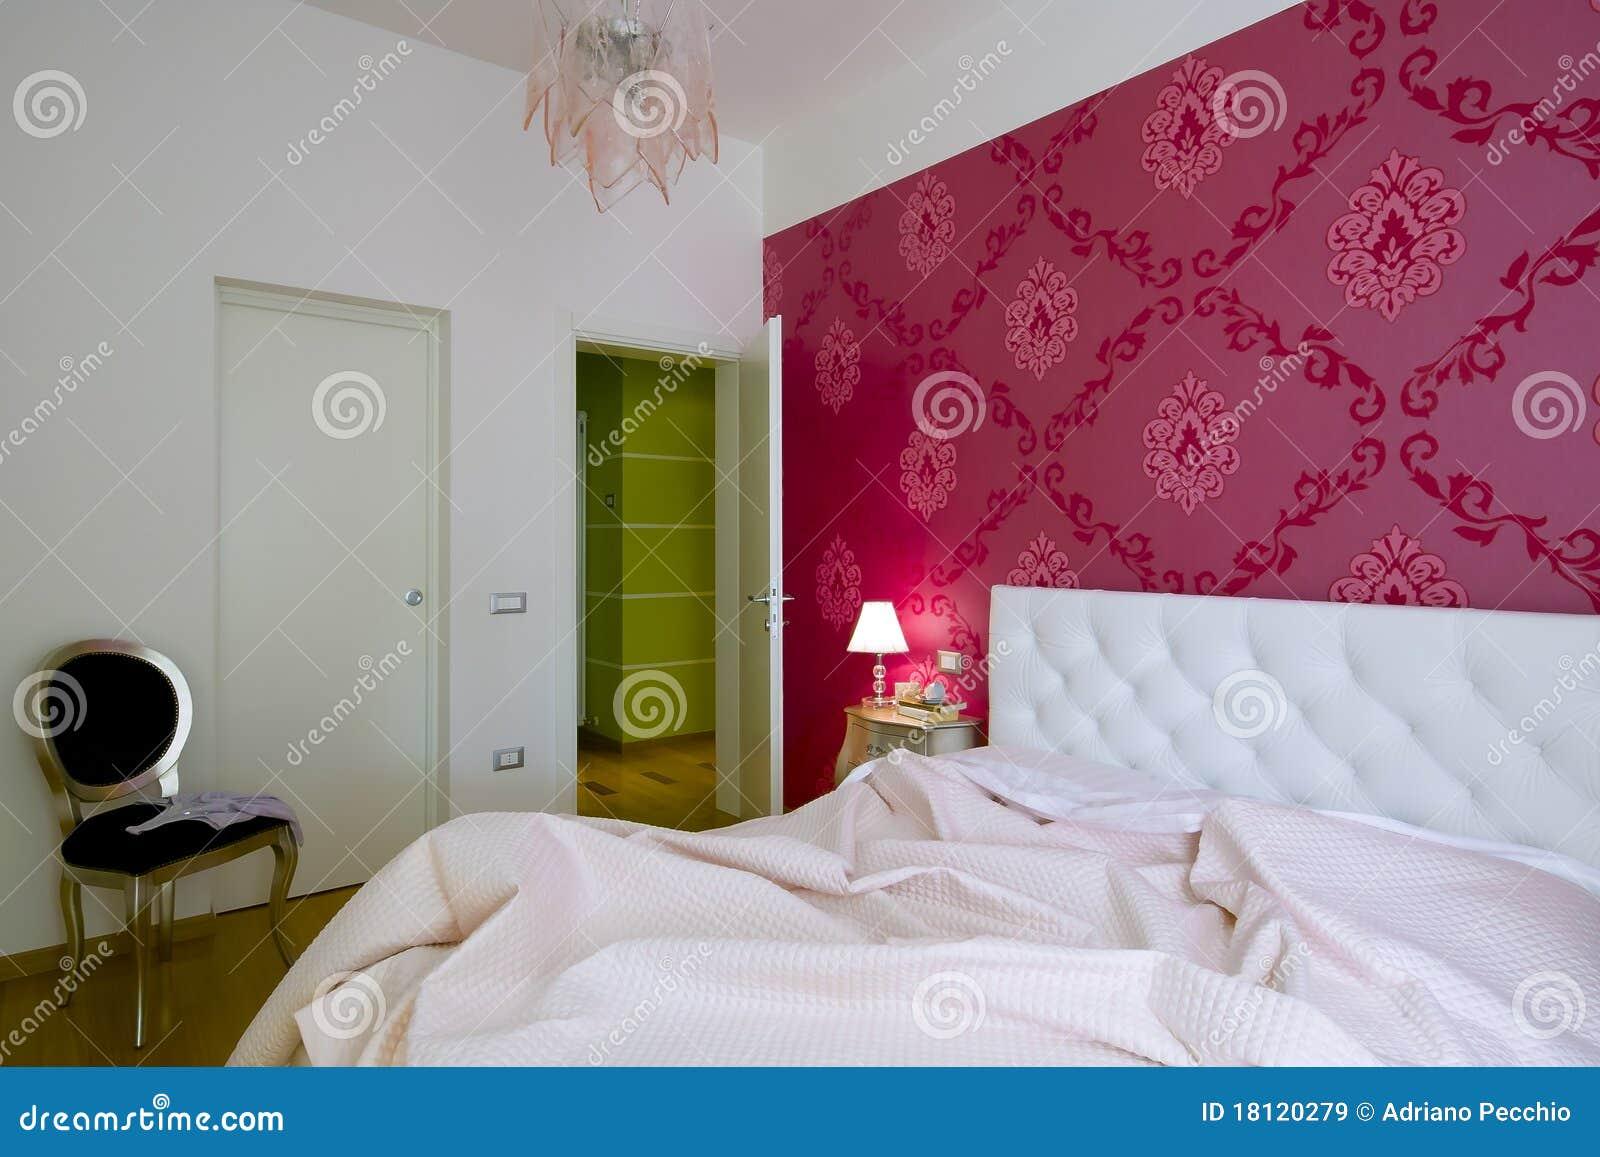 Chambre Coucher De Luxe Et Romantique Images Libres De